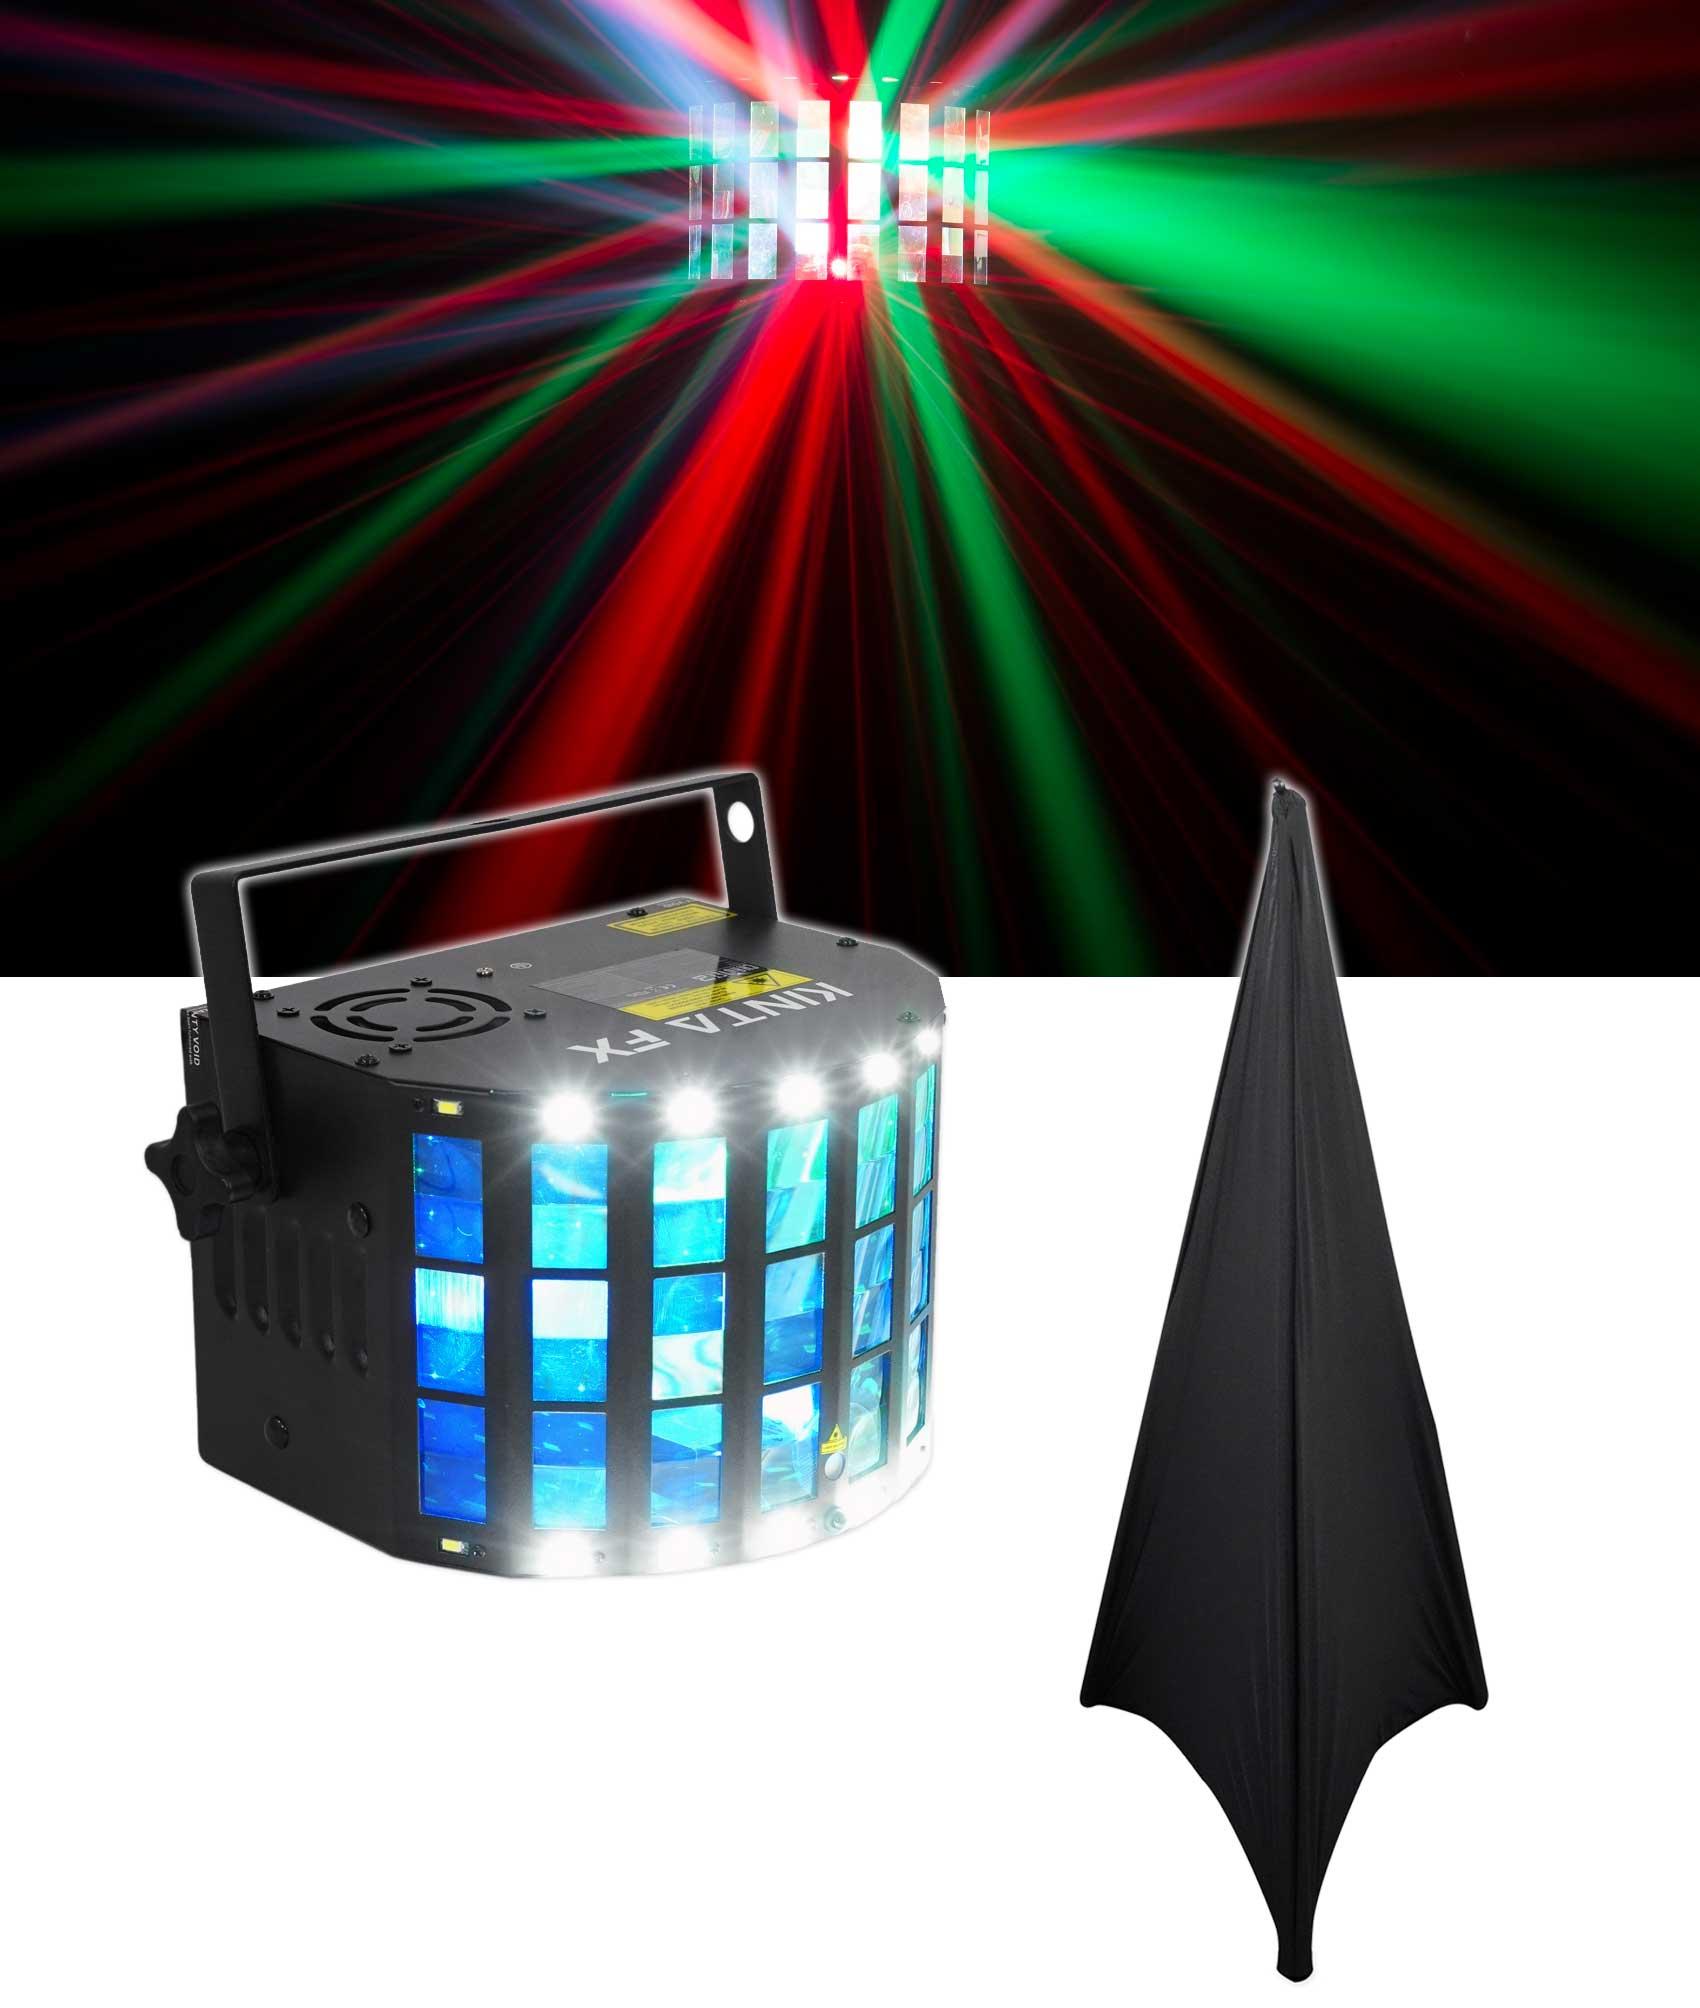 Chauvet DJ KINTA FX Multi-Effect DMX Light w  Laser,Strobe +Derby KINTAFX+Scrim by CHAUVET